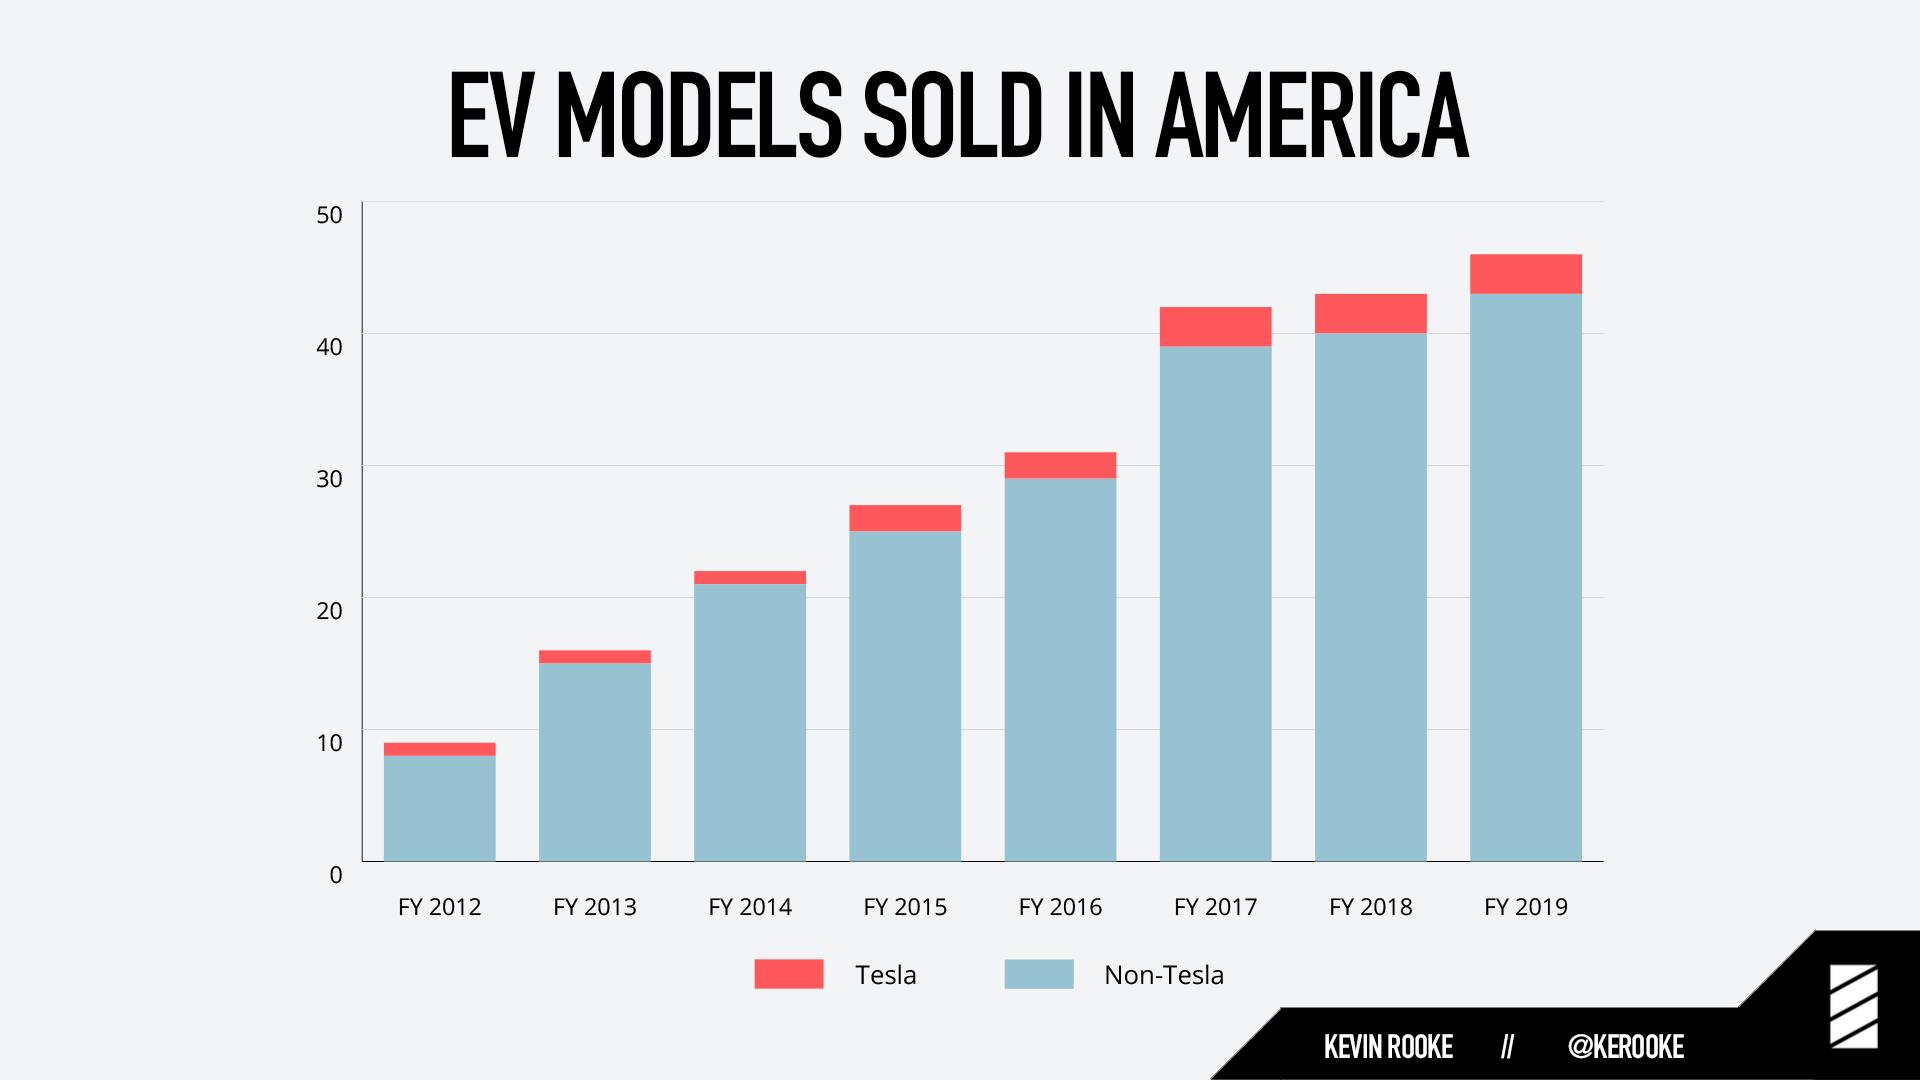 Tesla EVs sold in America vs. non-Tesla EVs sold in America